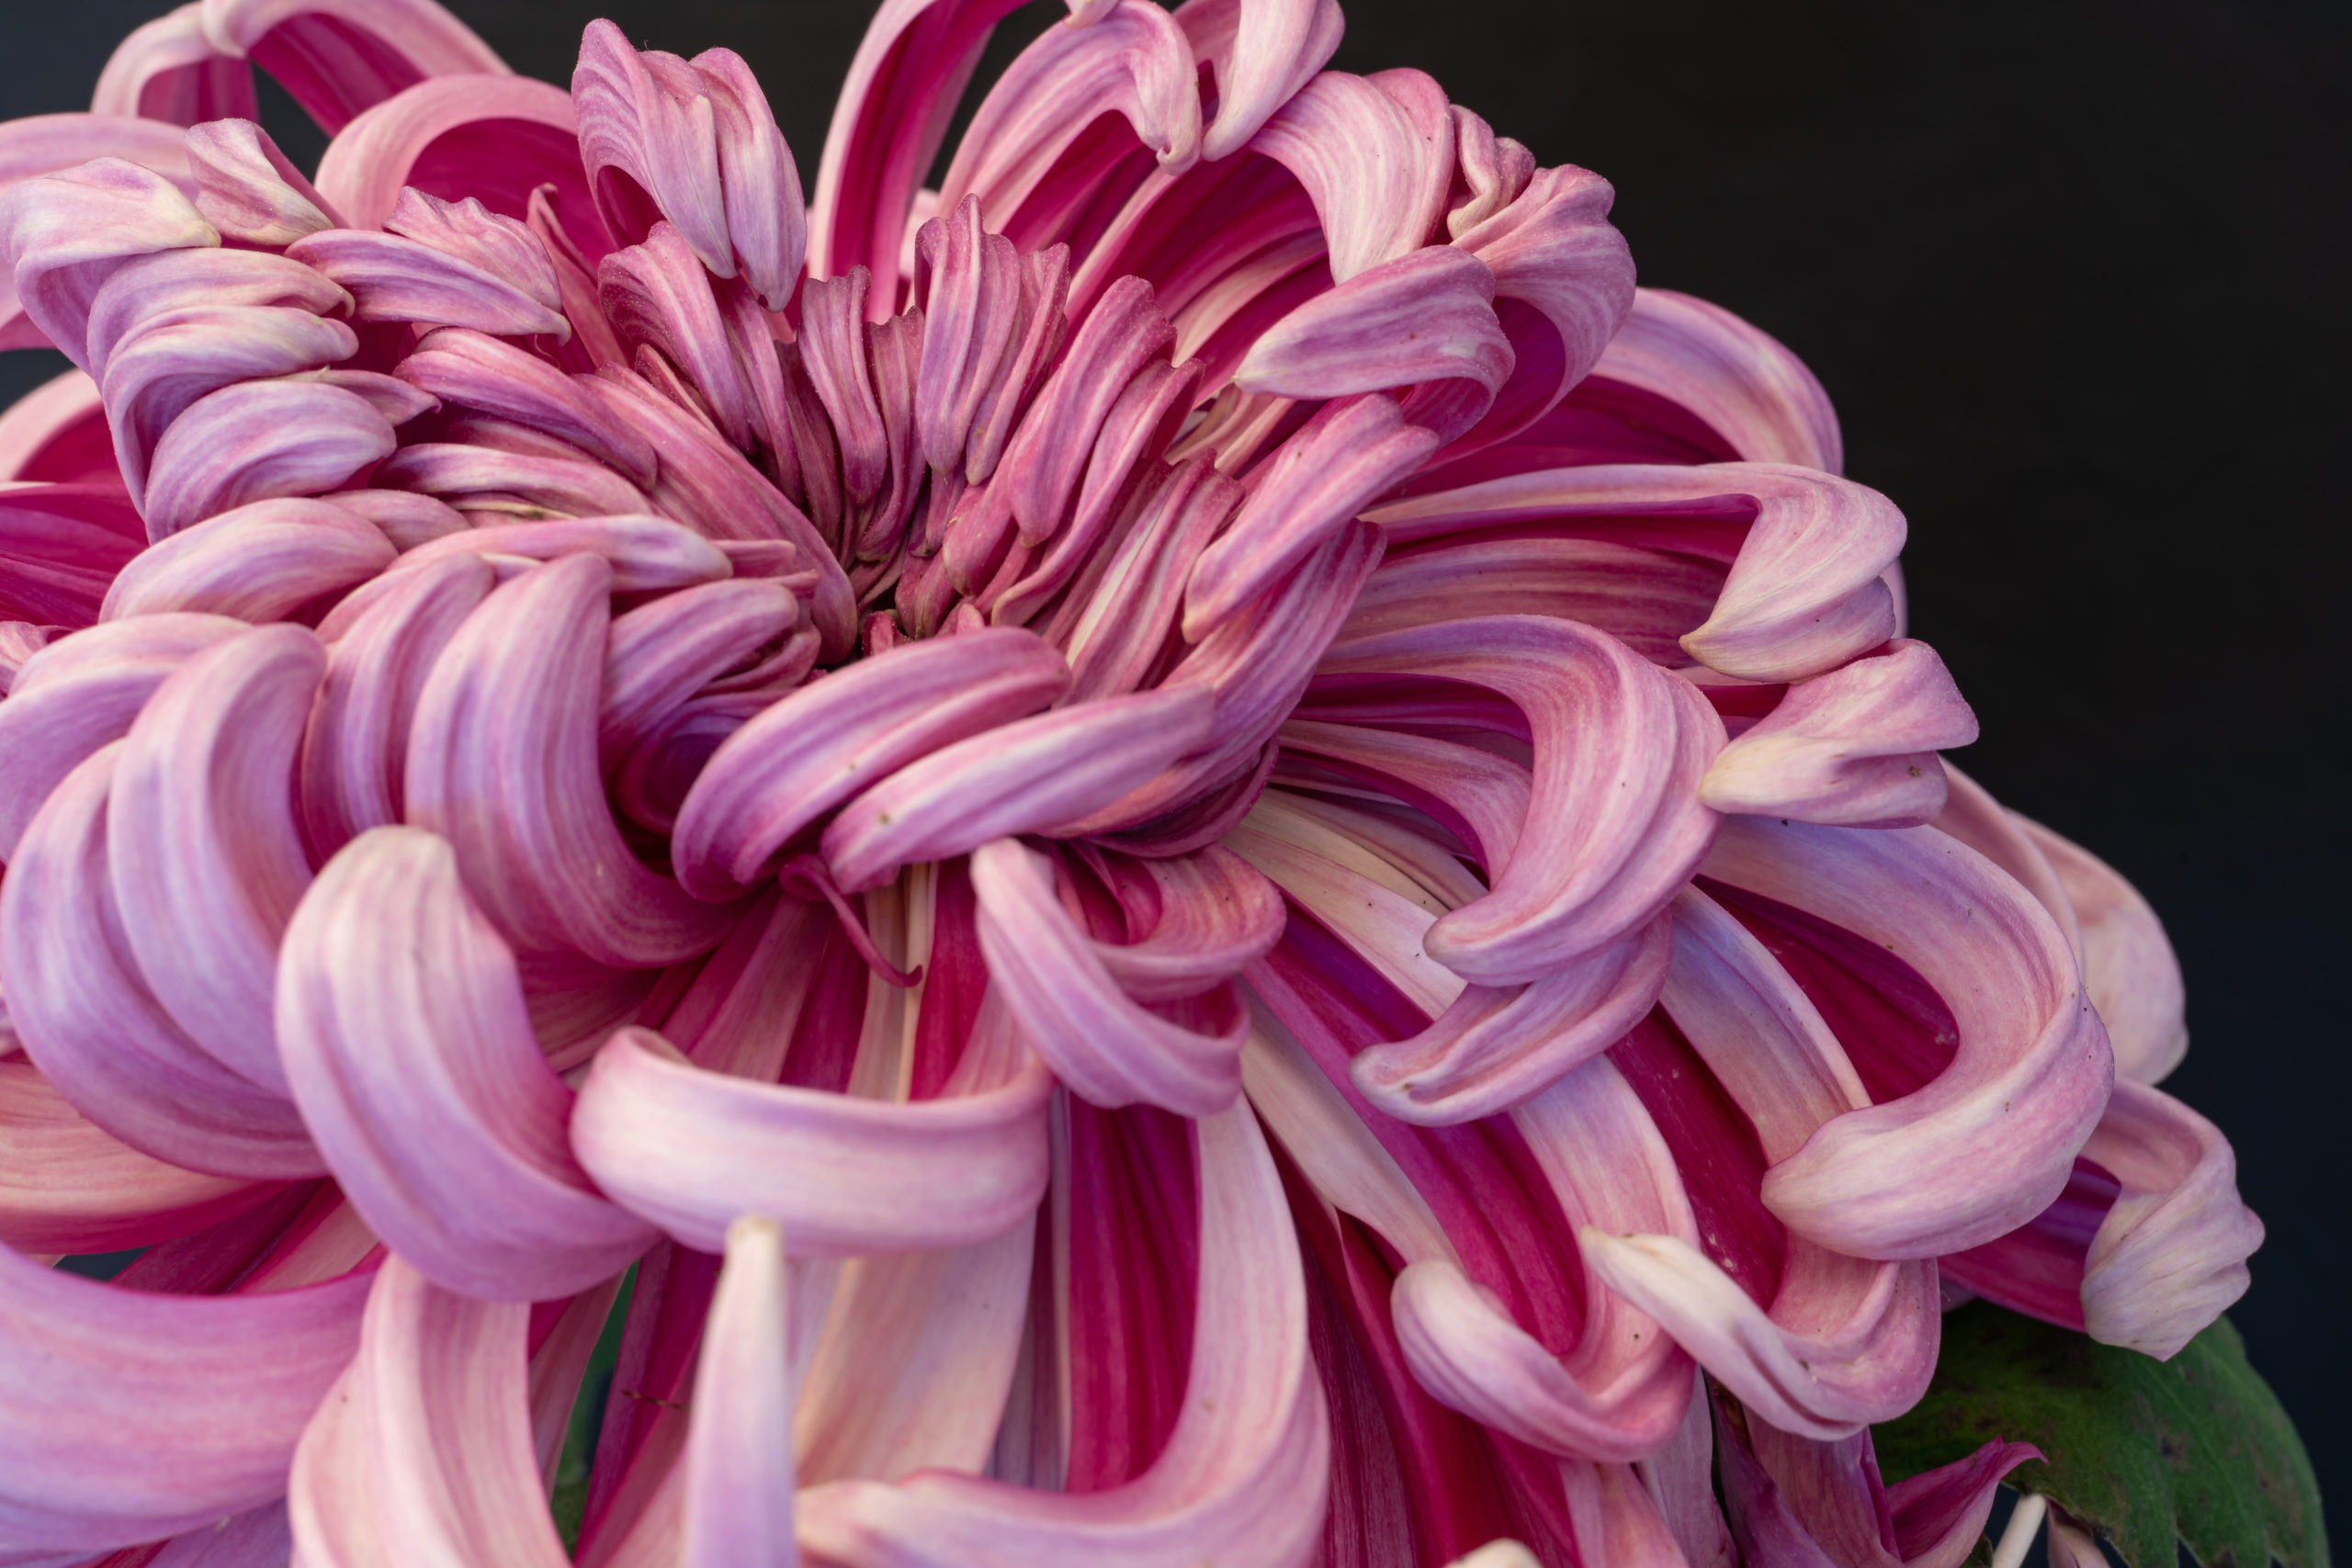 薄いピンクの菊の花